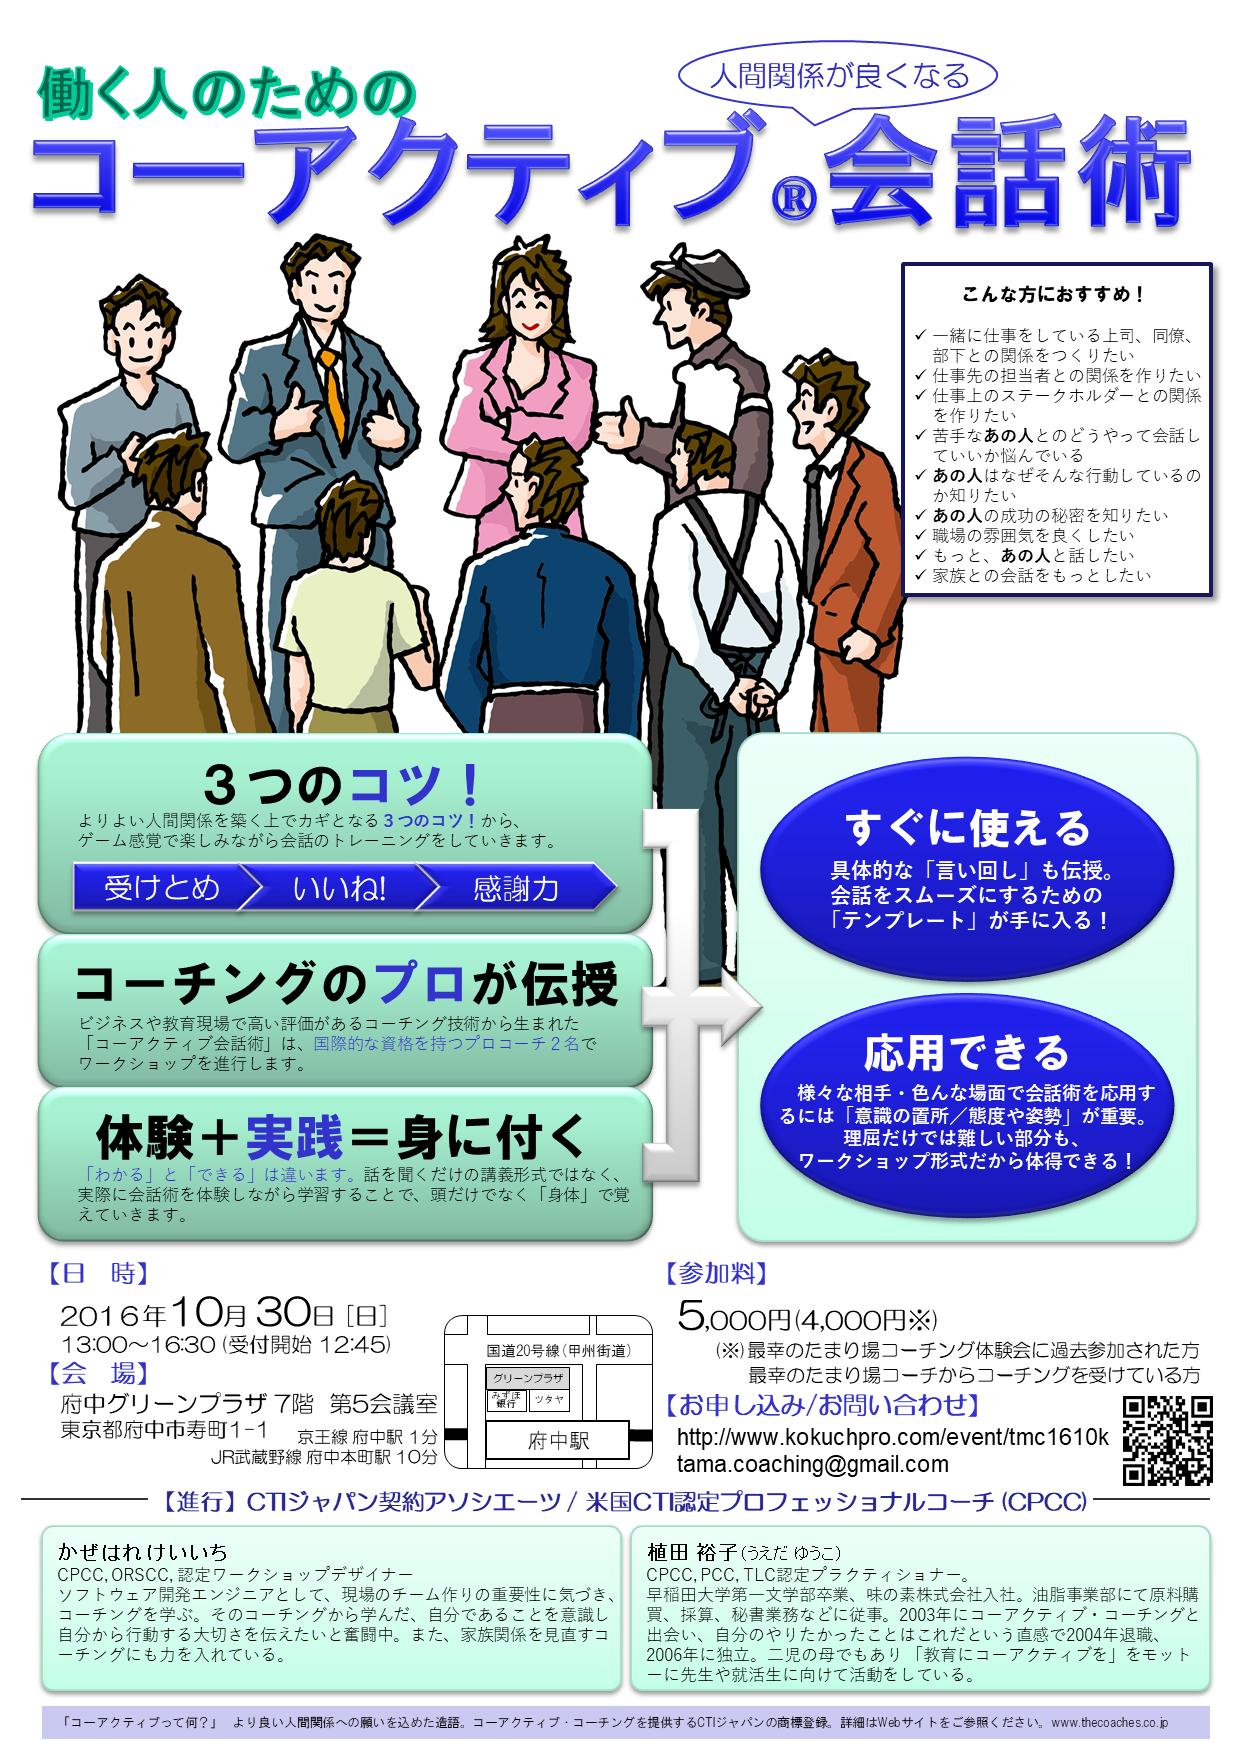 (2016/10/30)働く人のための、人間関係がよくなる コーアクティブ®会話術を開催します